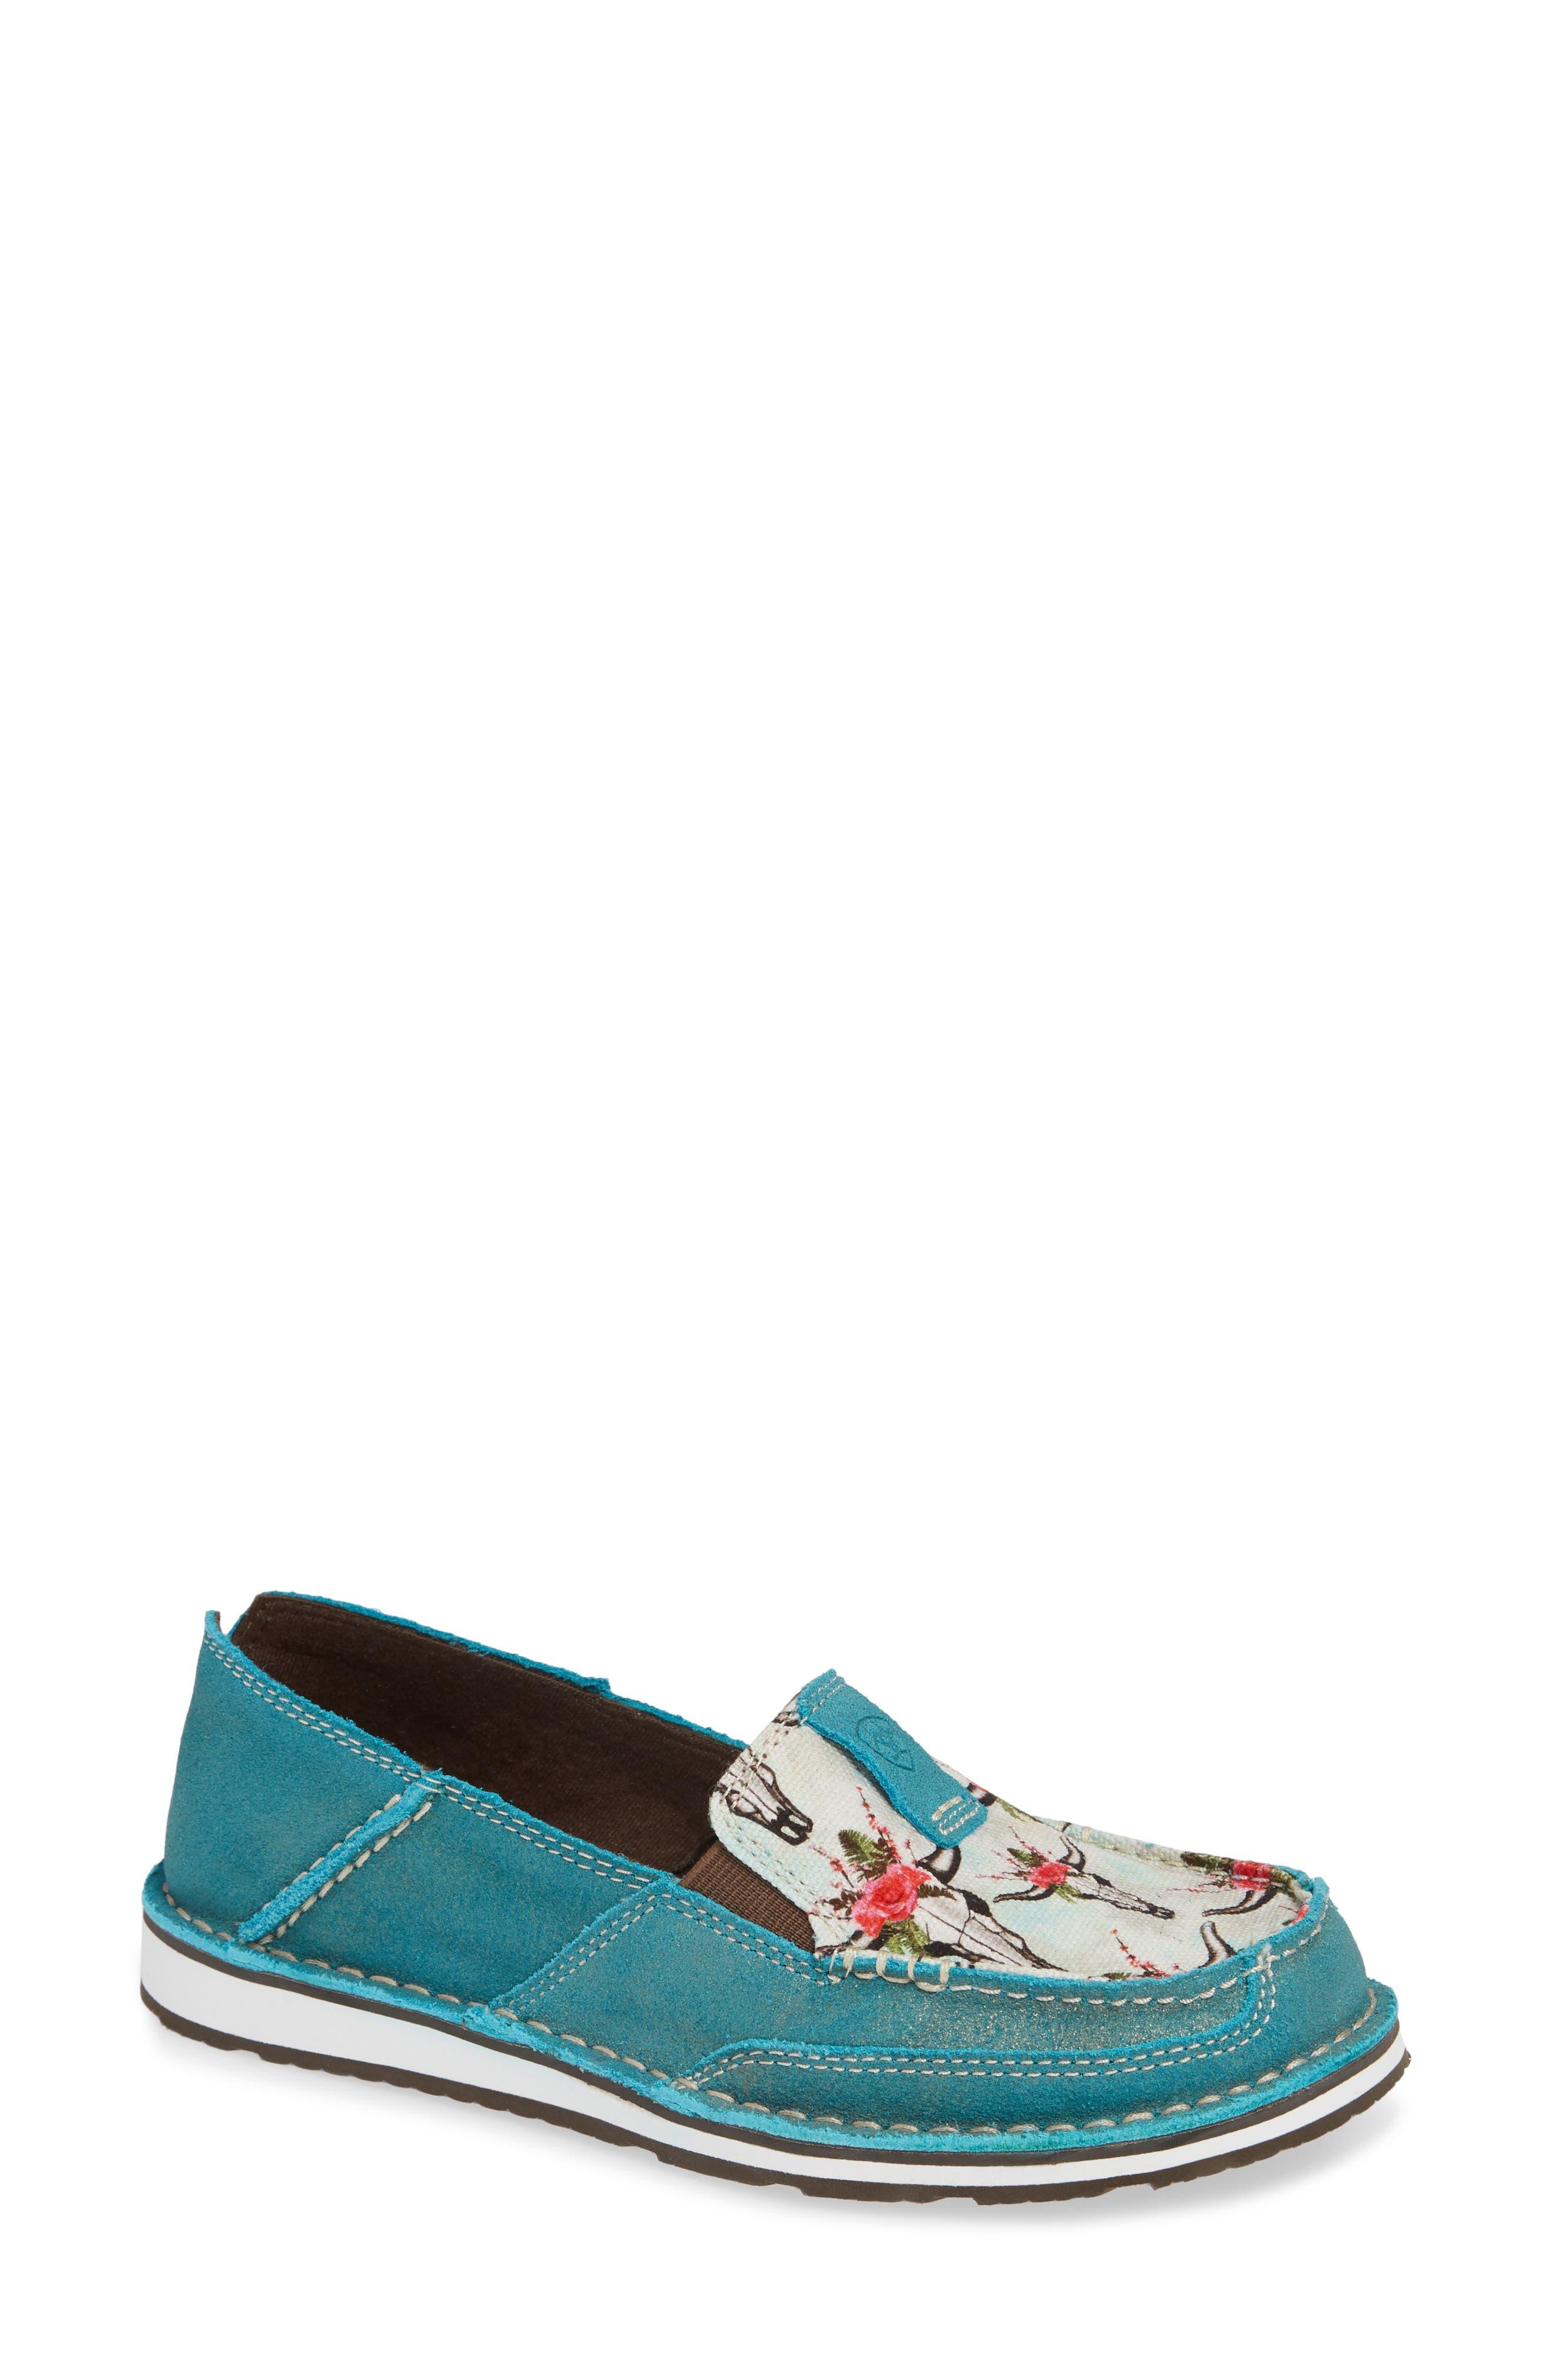 Cruiser Slip-On Loafer in Shunner Turquoise Leather